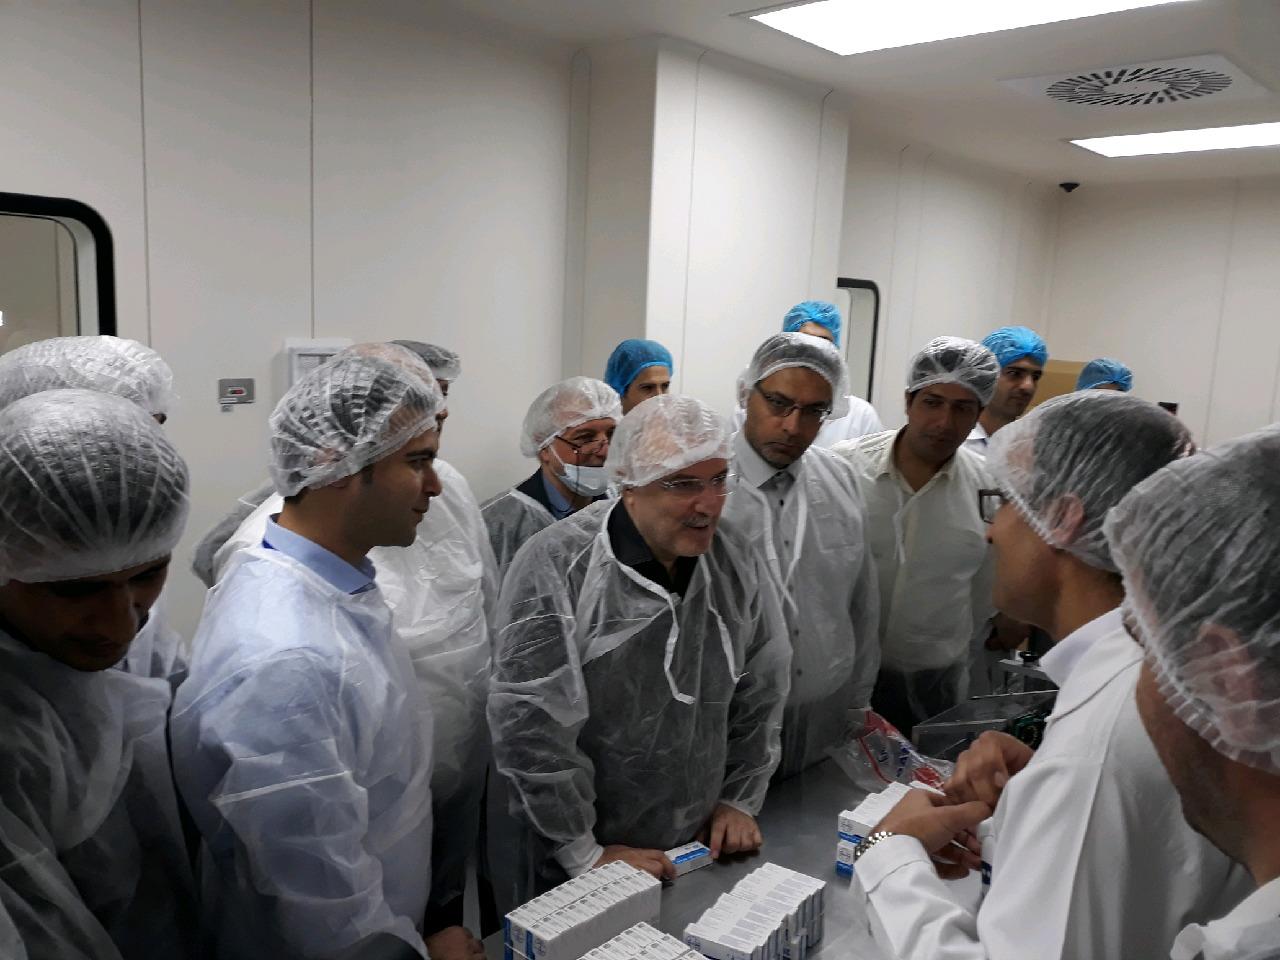 بزرگترین اولویت در بخش دارو حذف رانت است / خداحافظی ایرانیان با واکسن سرخک